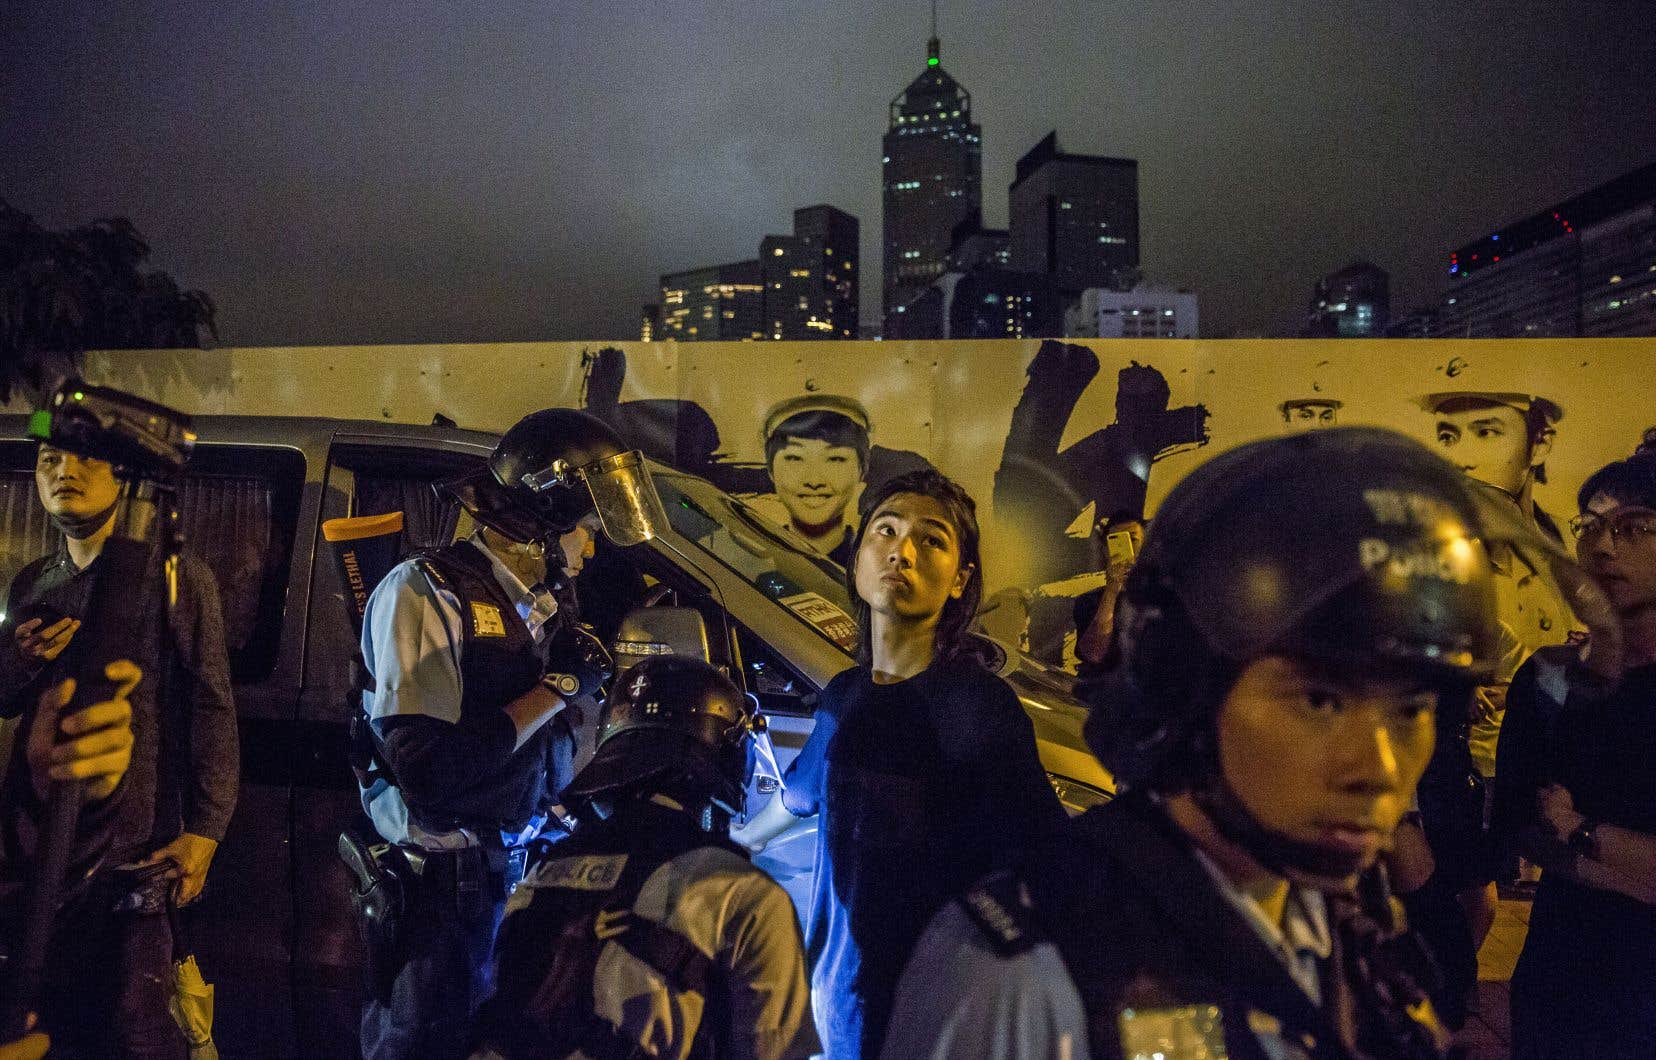 En début de semaine, la police de Hong Kong a procédé à de nombreuses fouilles, ce qui a contribué à faire monter la colère des manifestants.